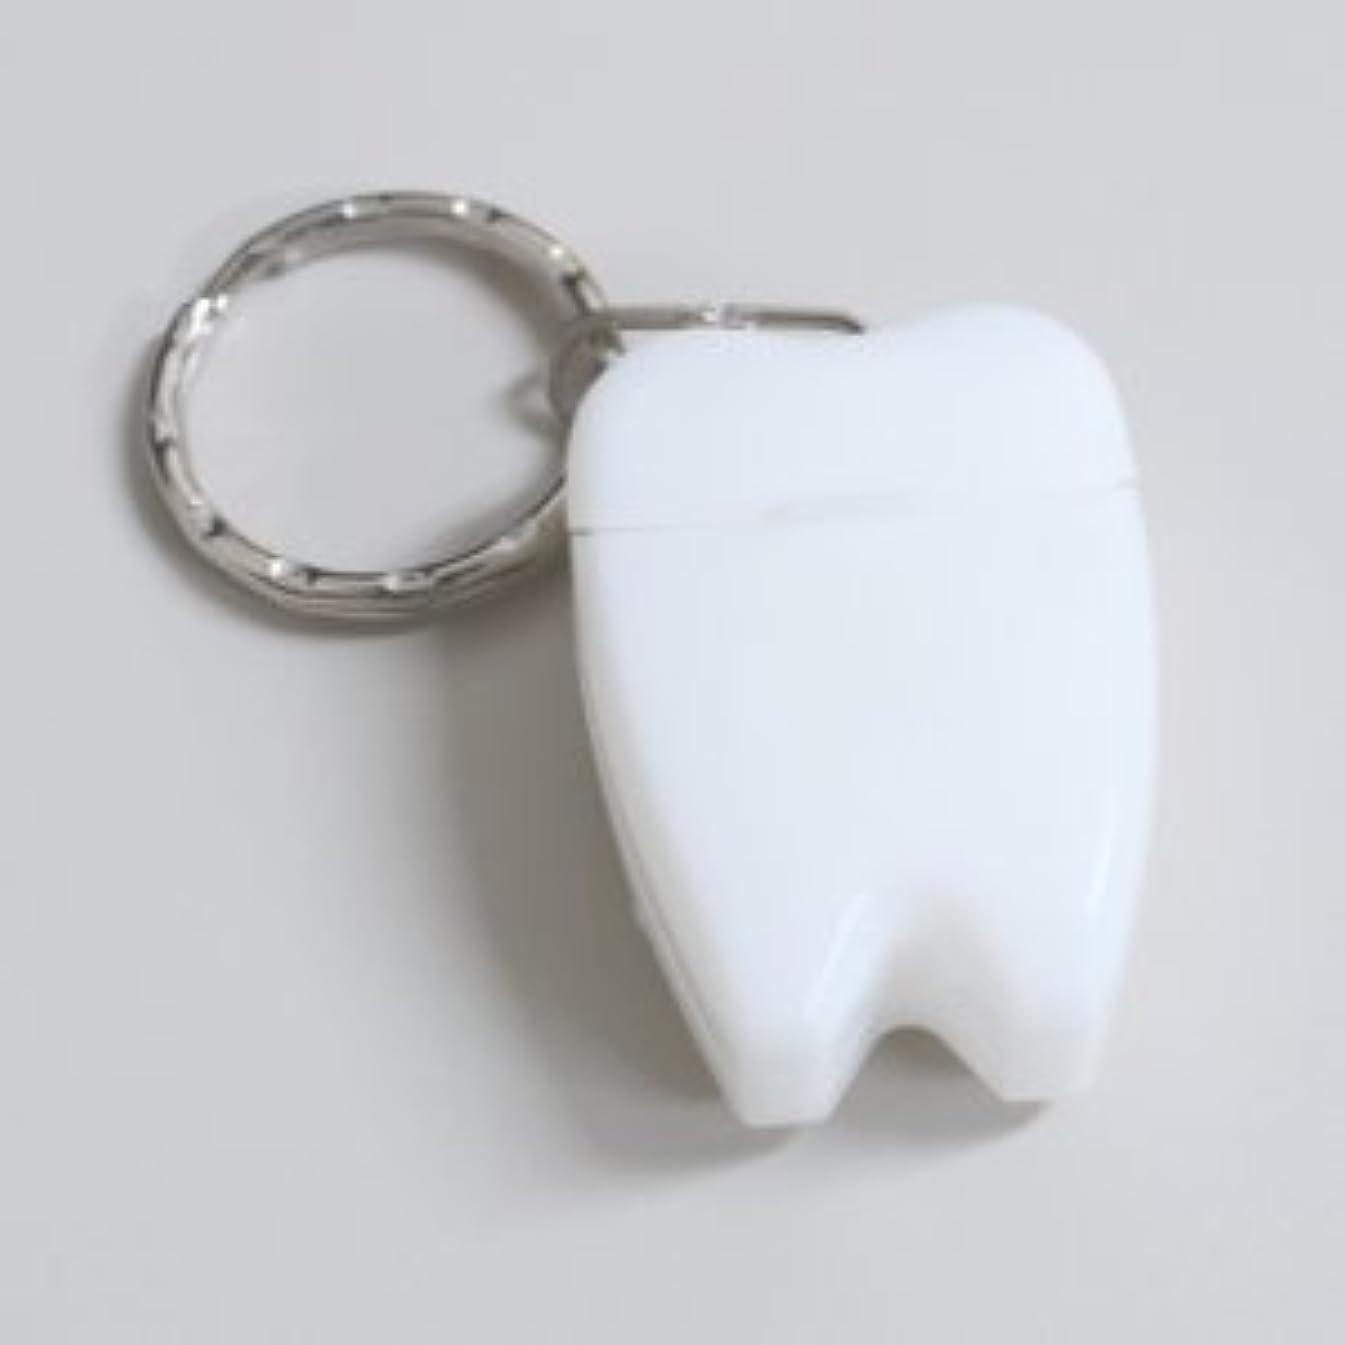 業界シャックル輸送歯型デンタルフロス キーホルダー ホワイト 1個